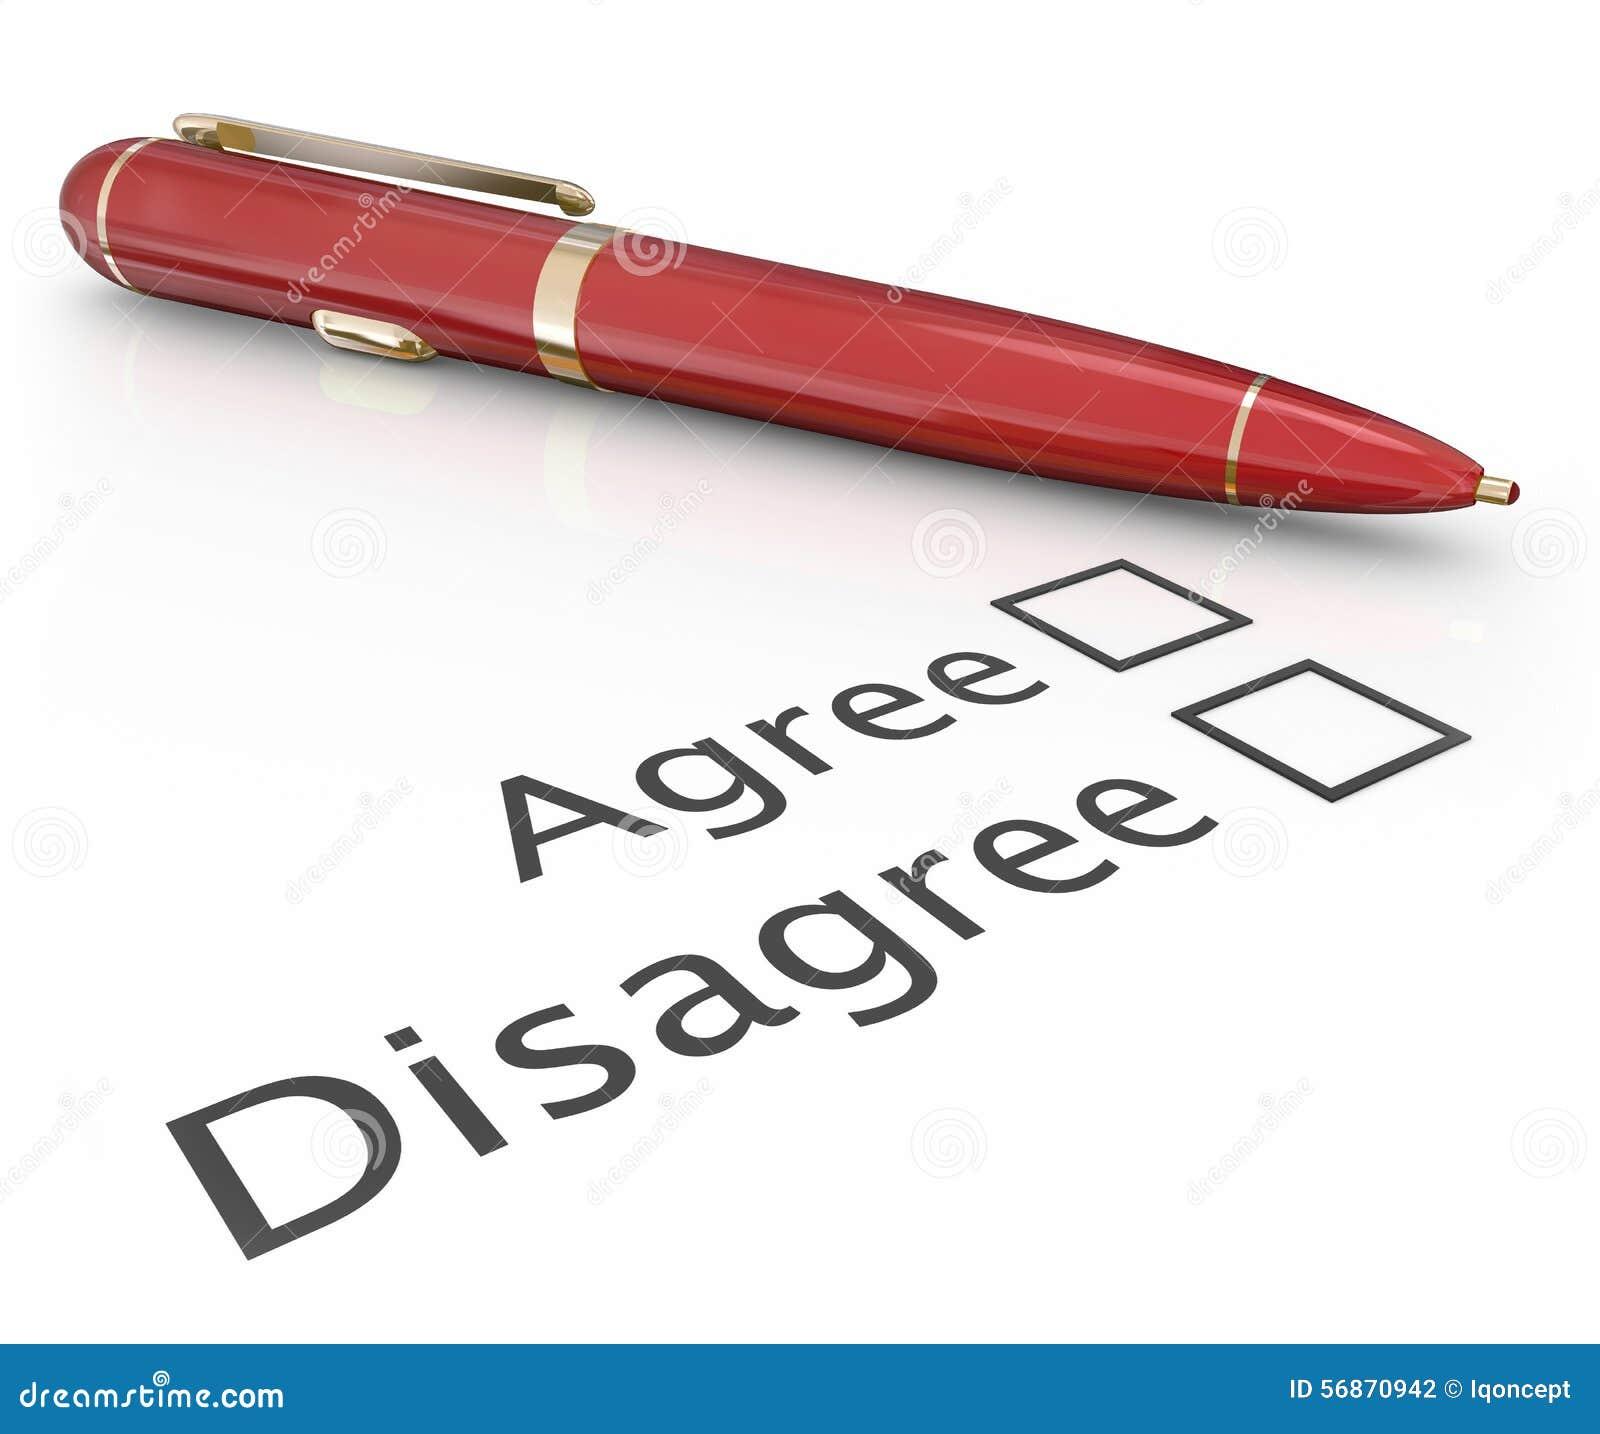 Convenez sont en désaccord Pen Voting Answer Choosing Yes aucune approbation Disapp